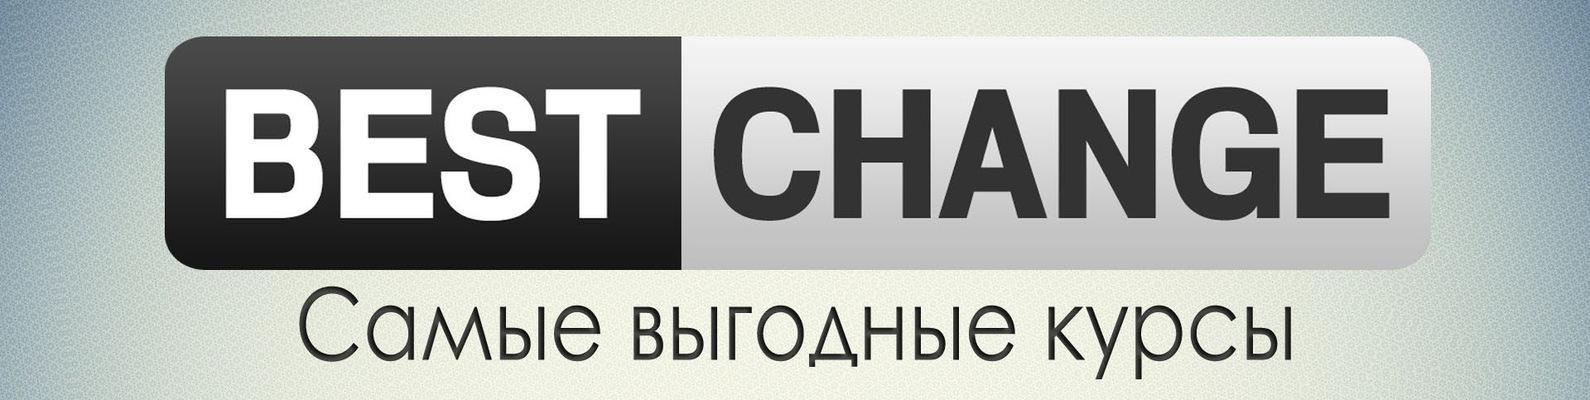 Обмен валюты в mastercard караганде рубль